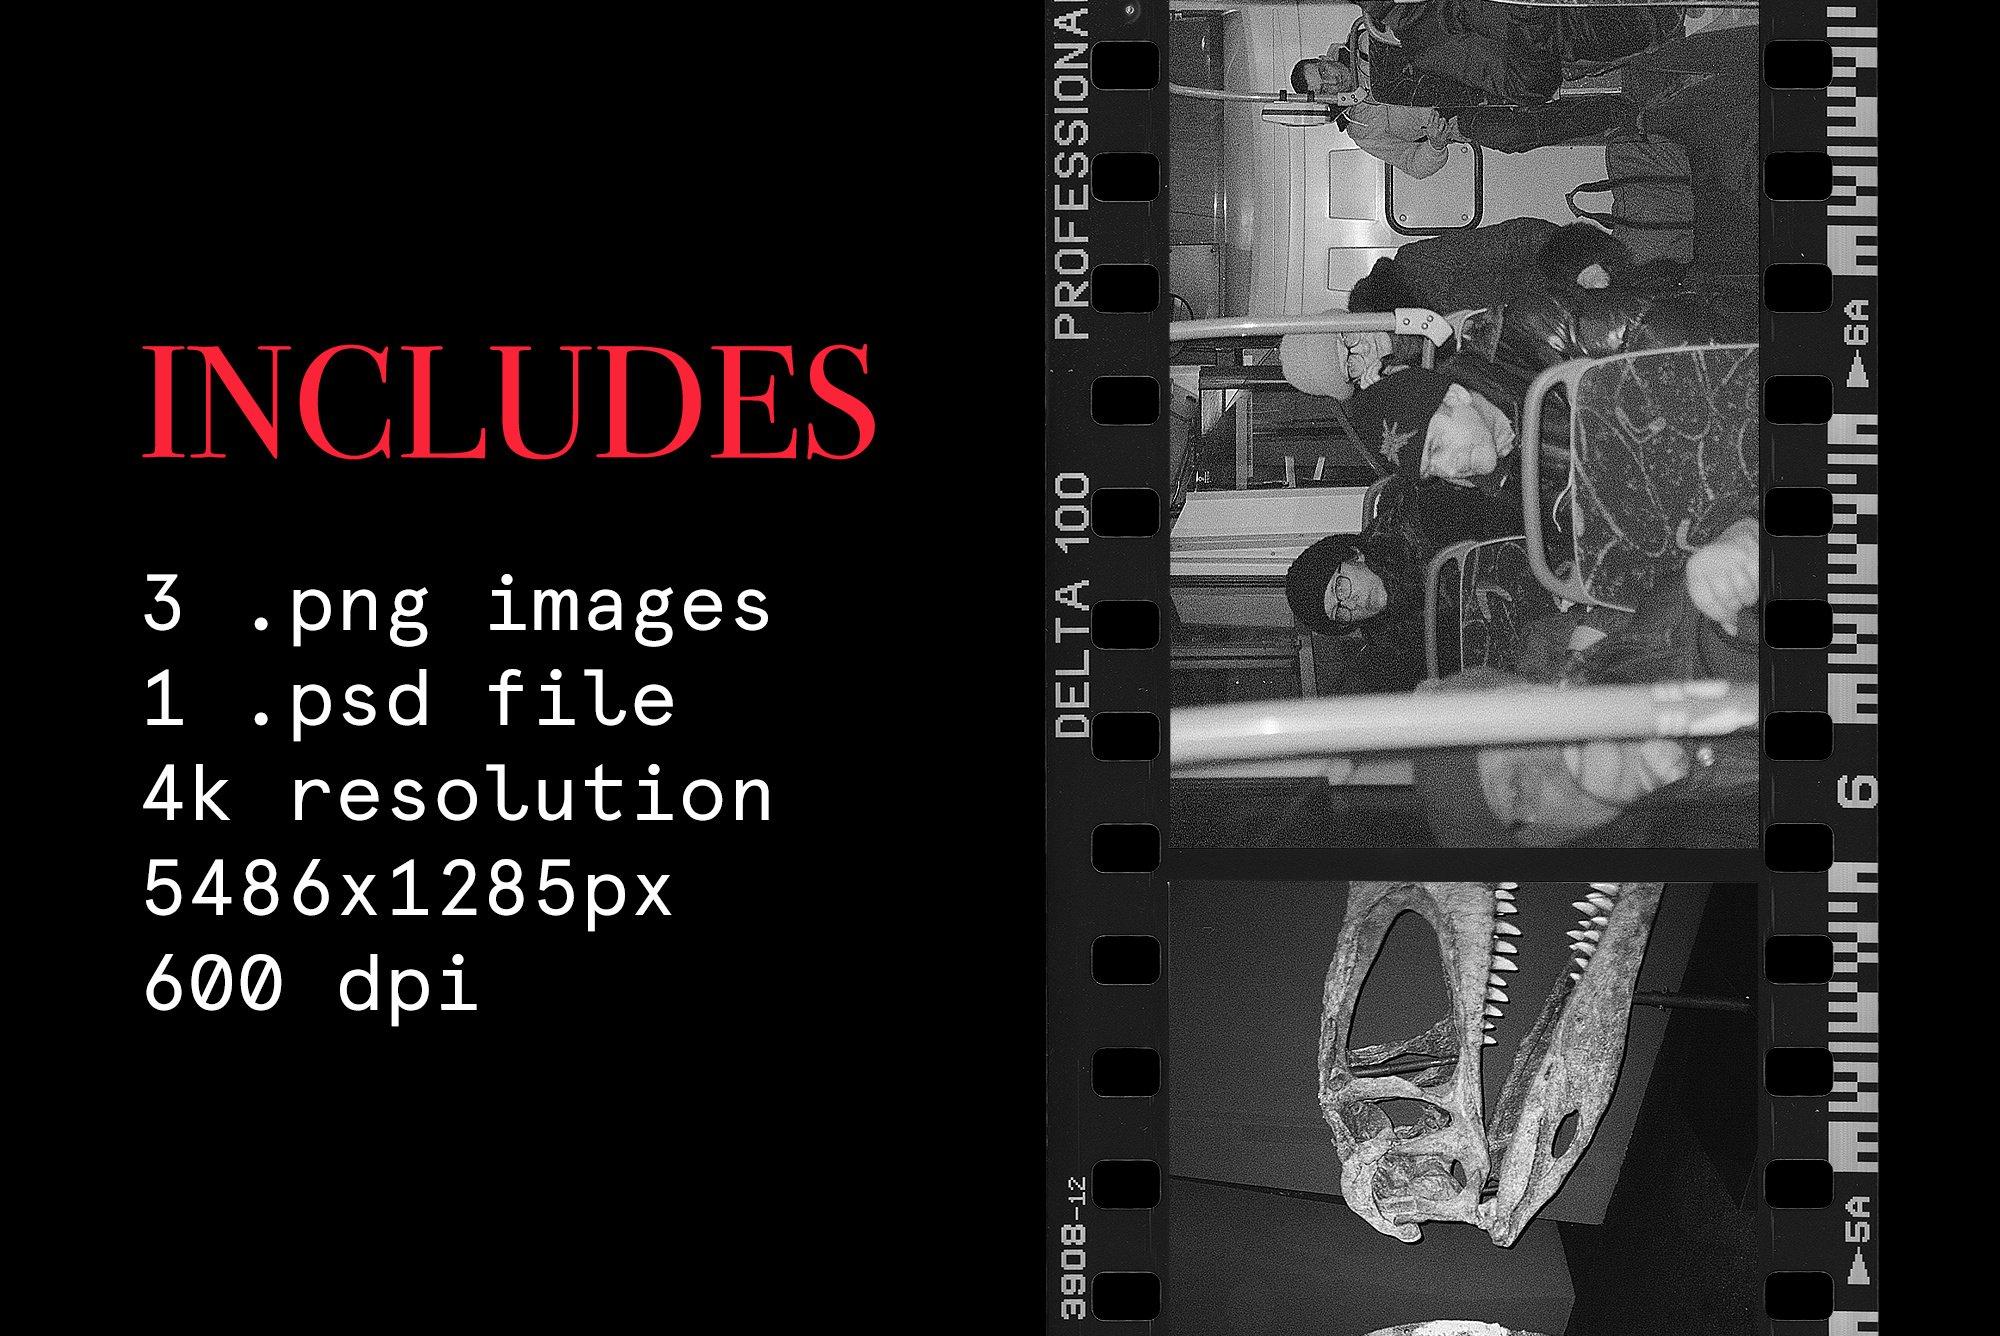 [淘宝购买] 潮流老式胶片胶卷边框图层叠加样机PS设计素材 Contact Sheet Film Roll Mockup插图(6)